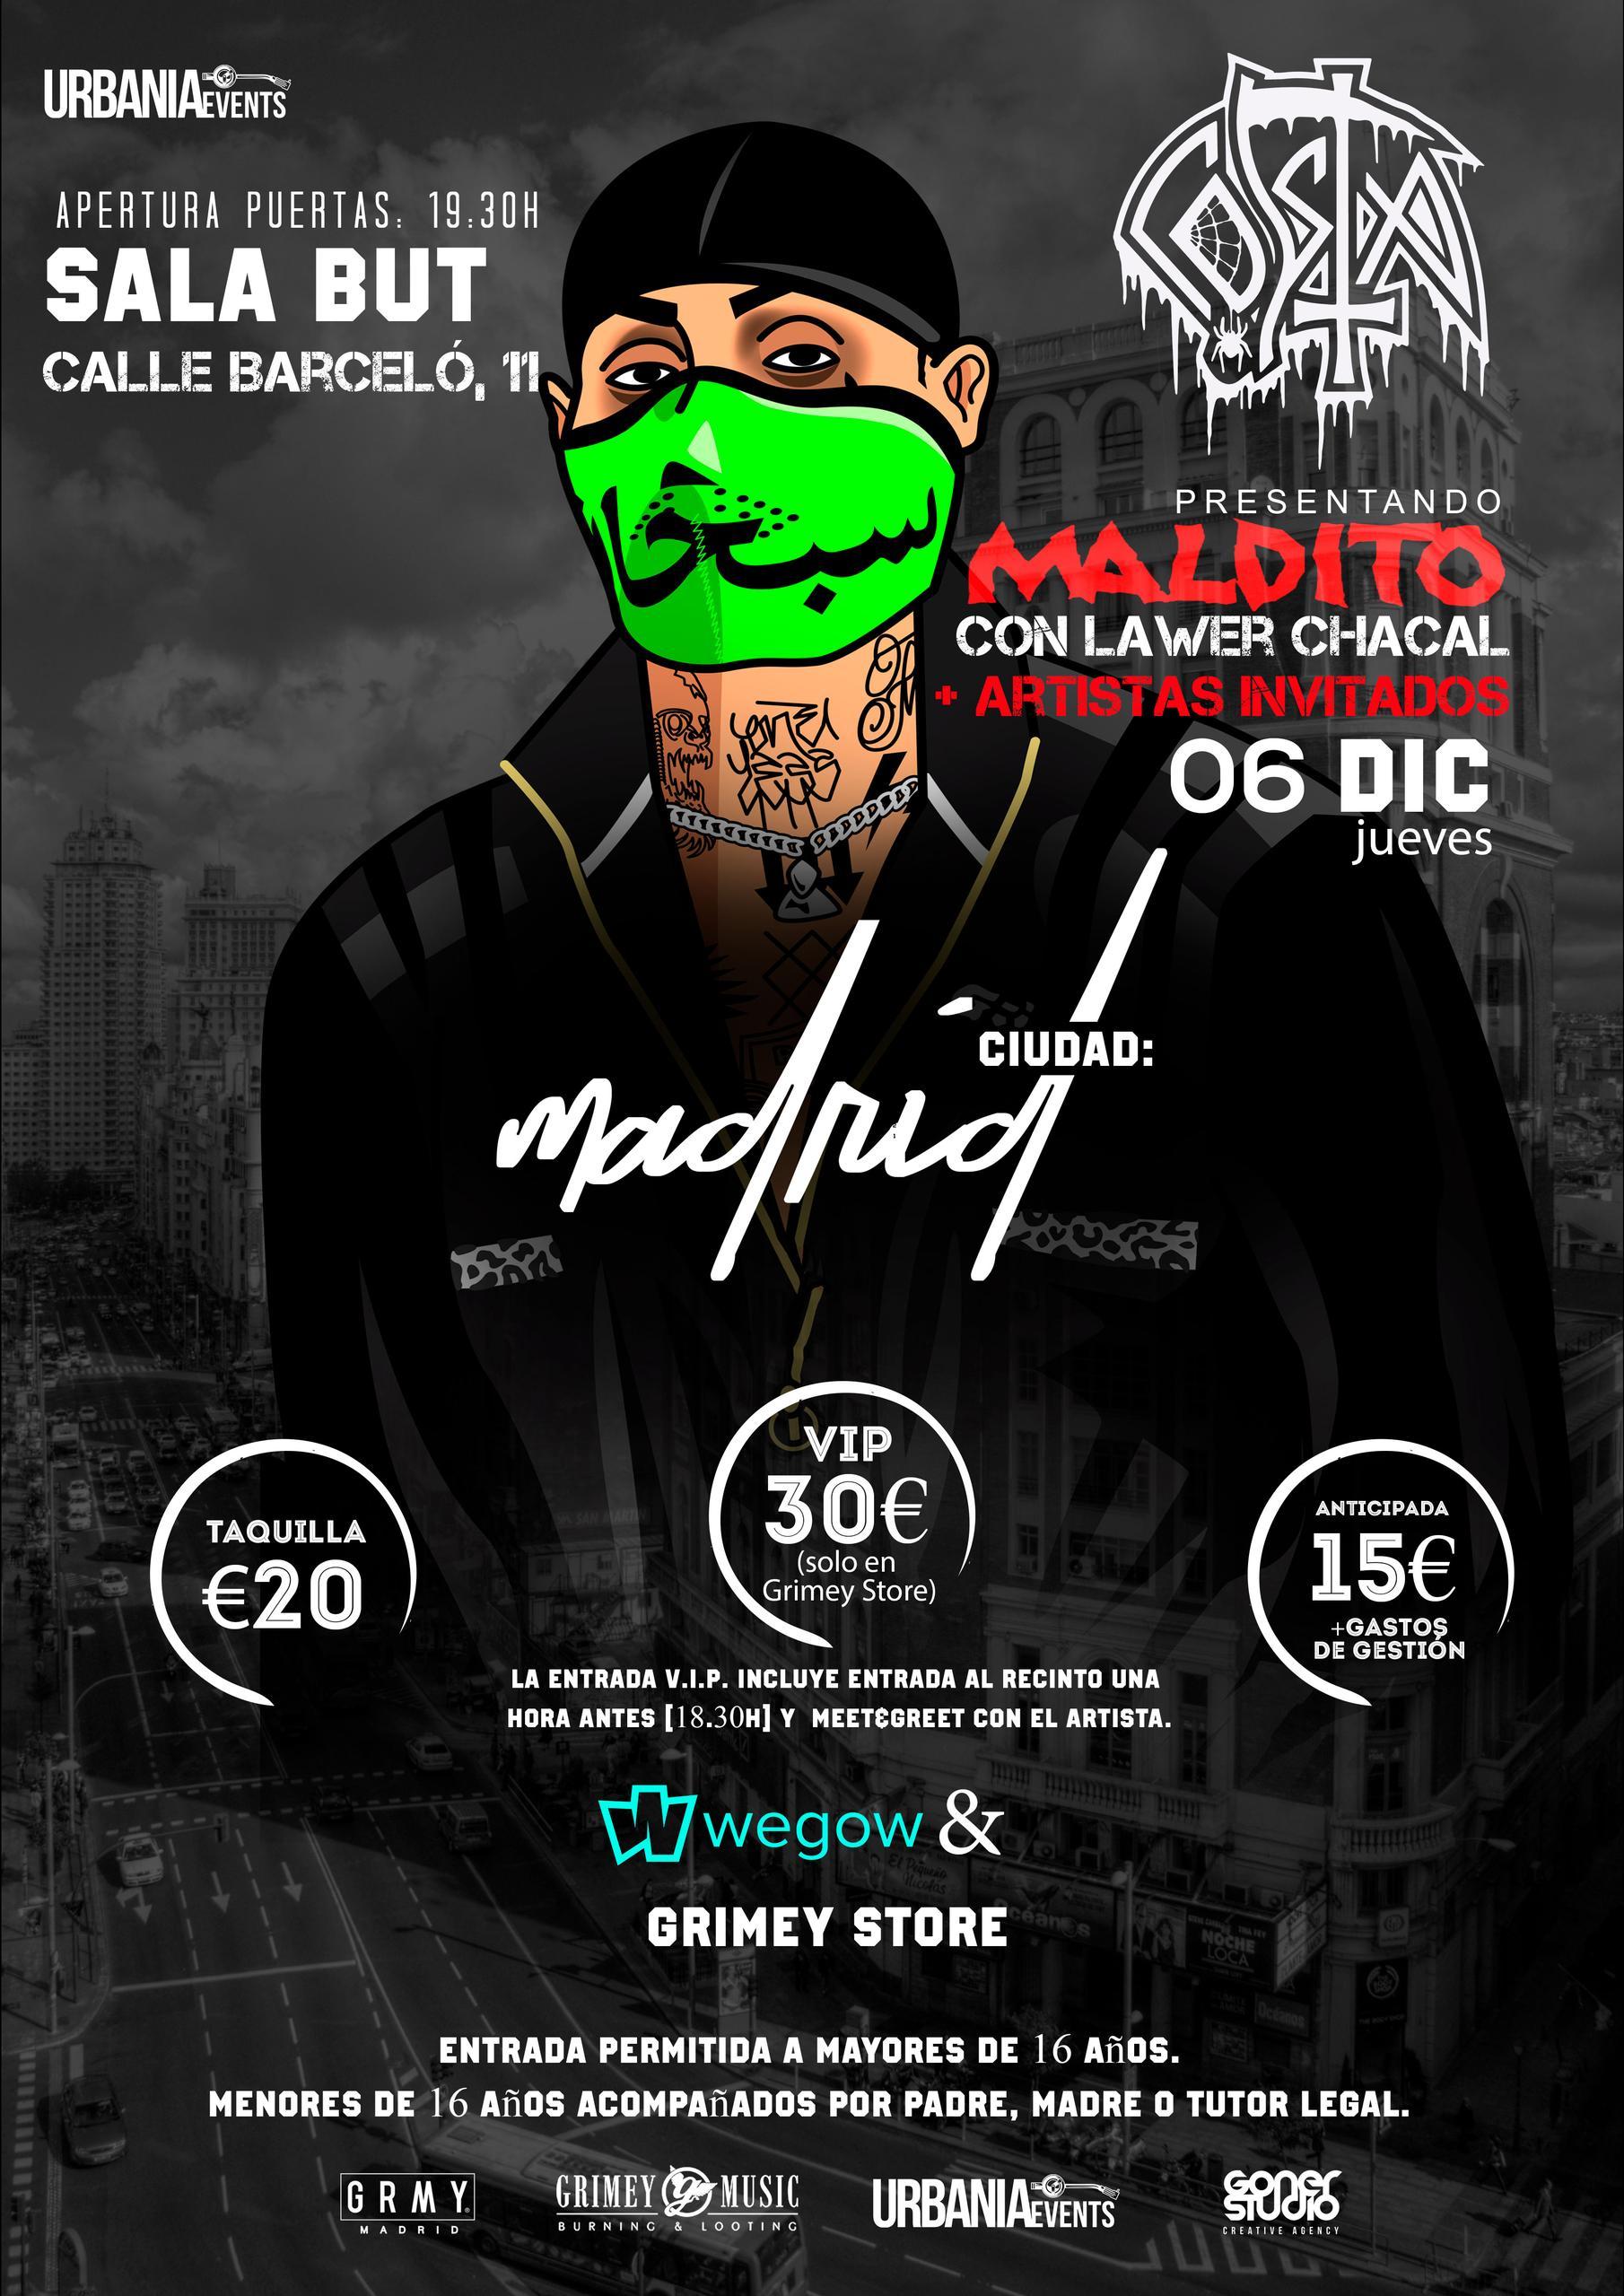 Concierto de Costa en la Sala But, Madrid, el Jueves 6 de Diciembre